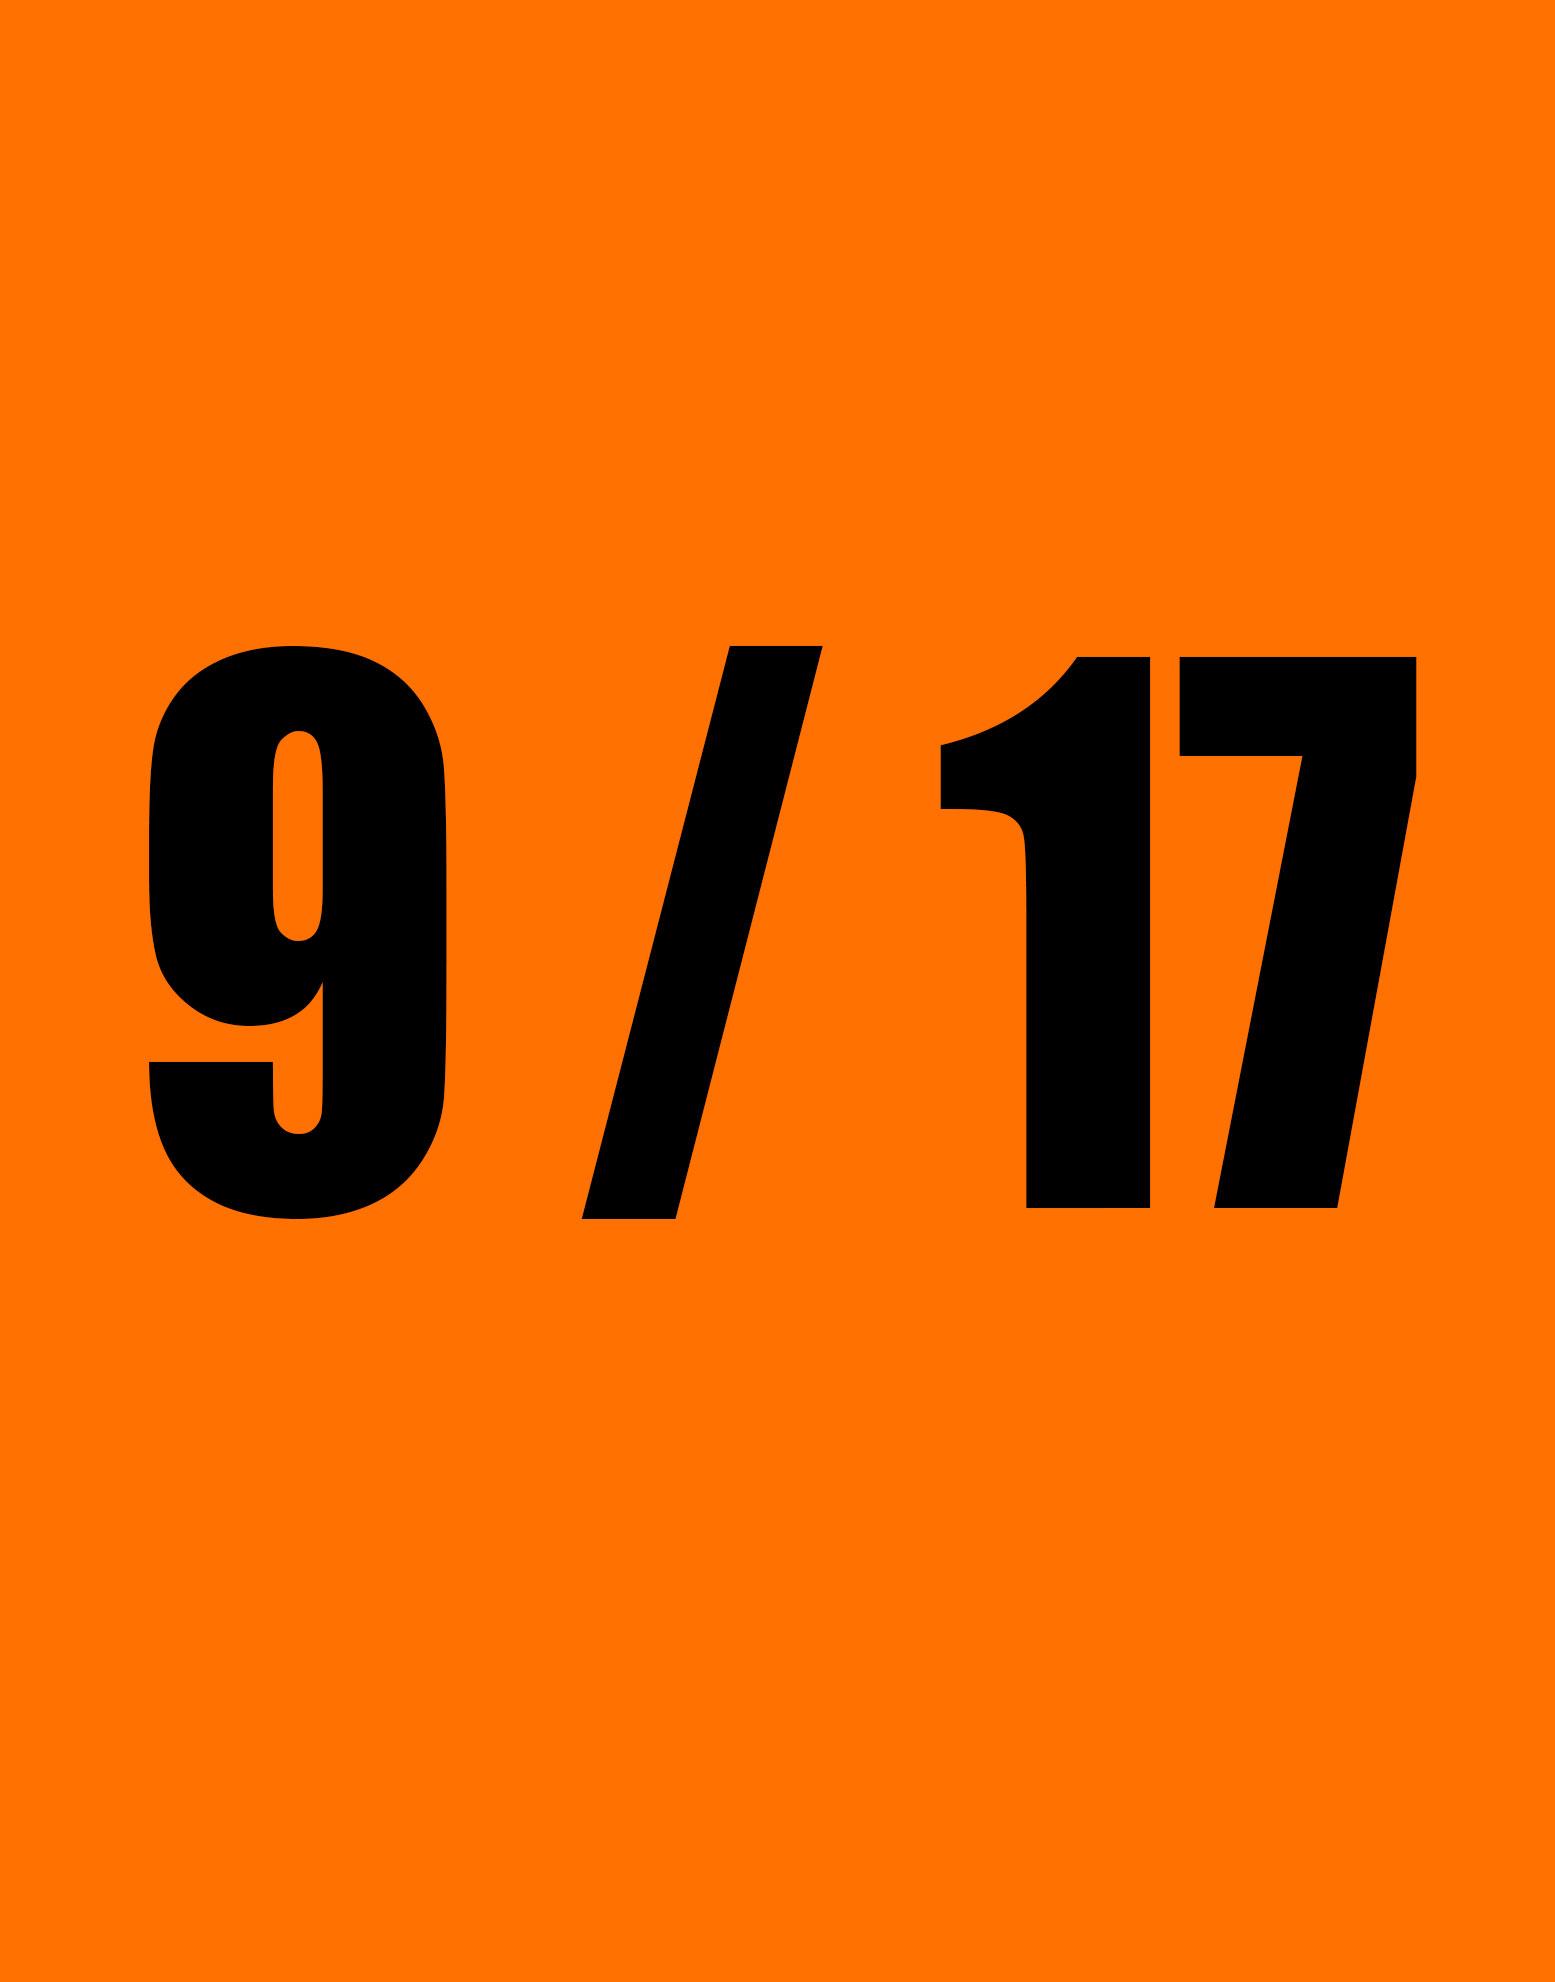 9-17.jpg